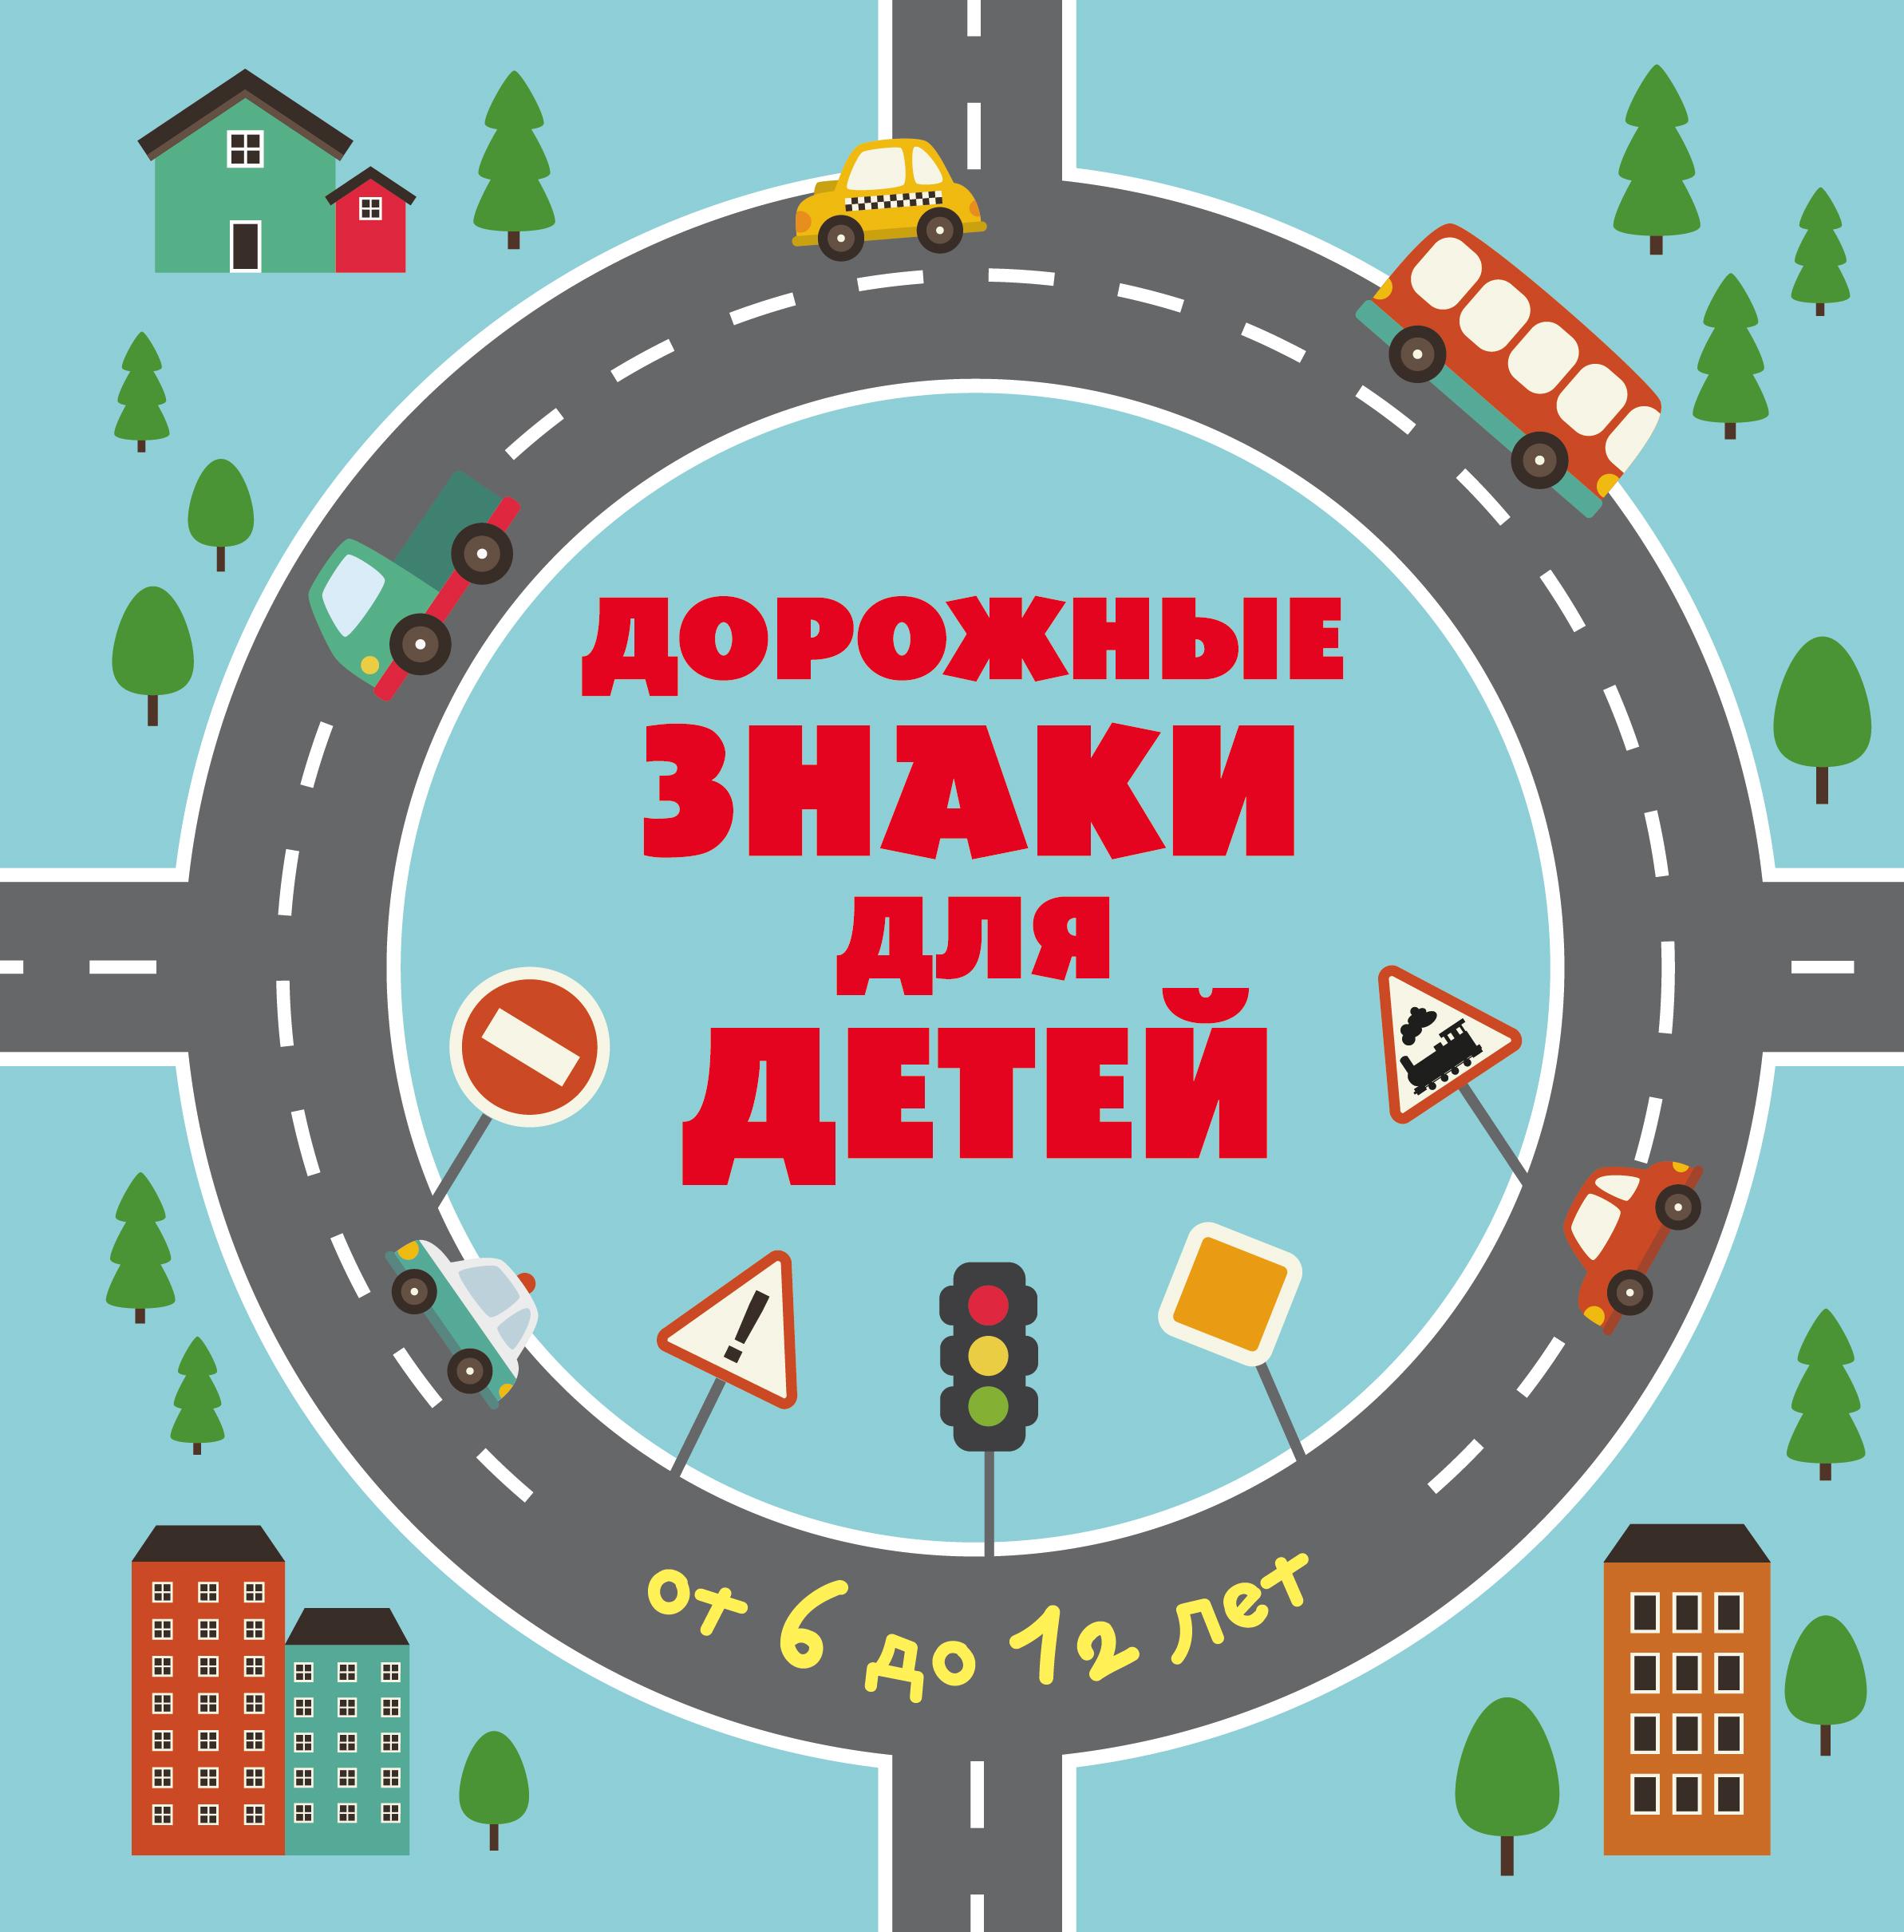 Дорожные знаки картинки для детей детского сада 10